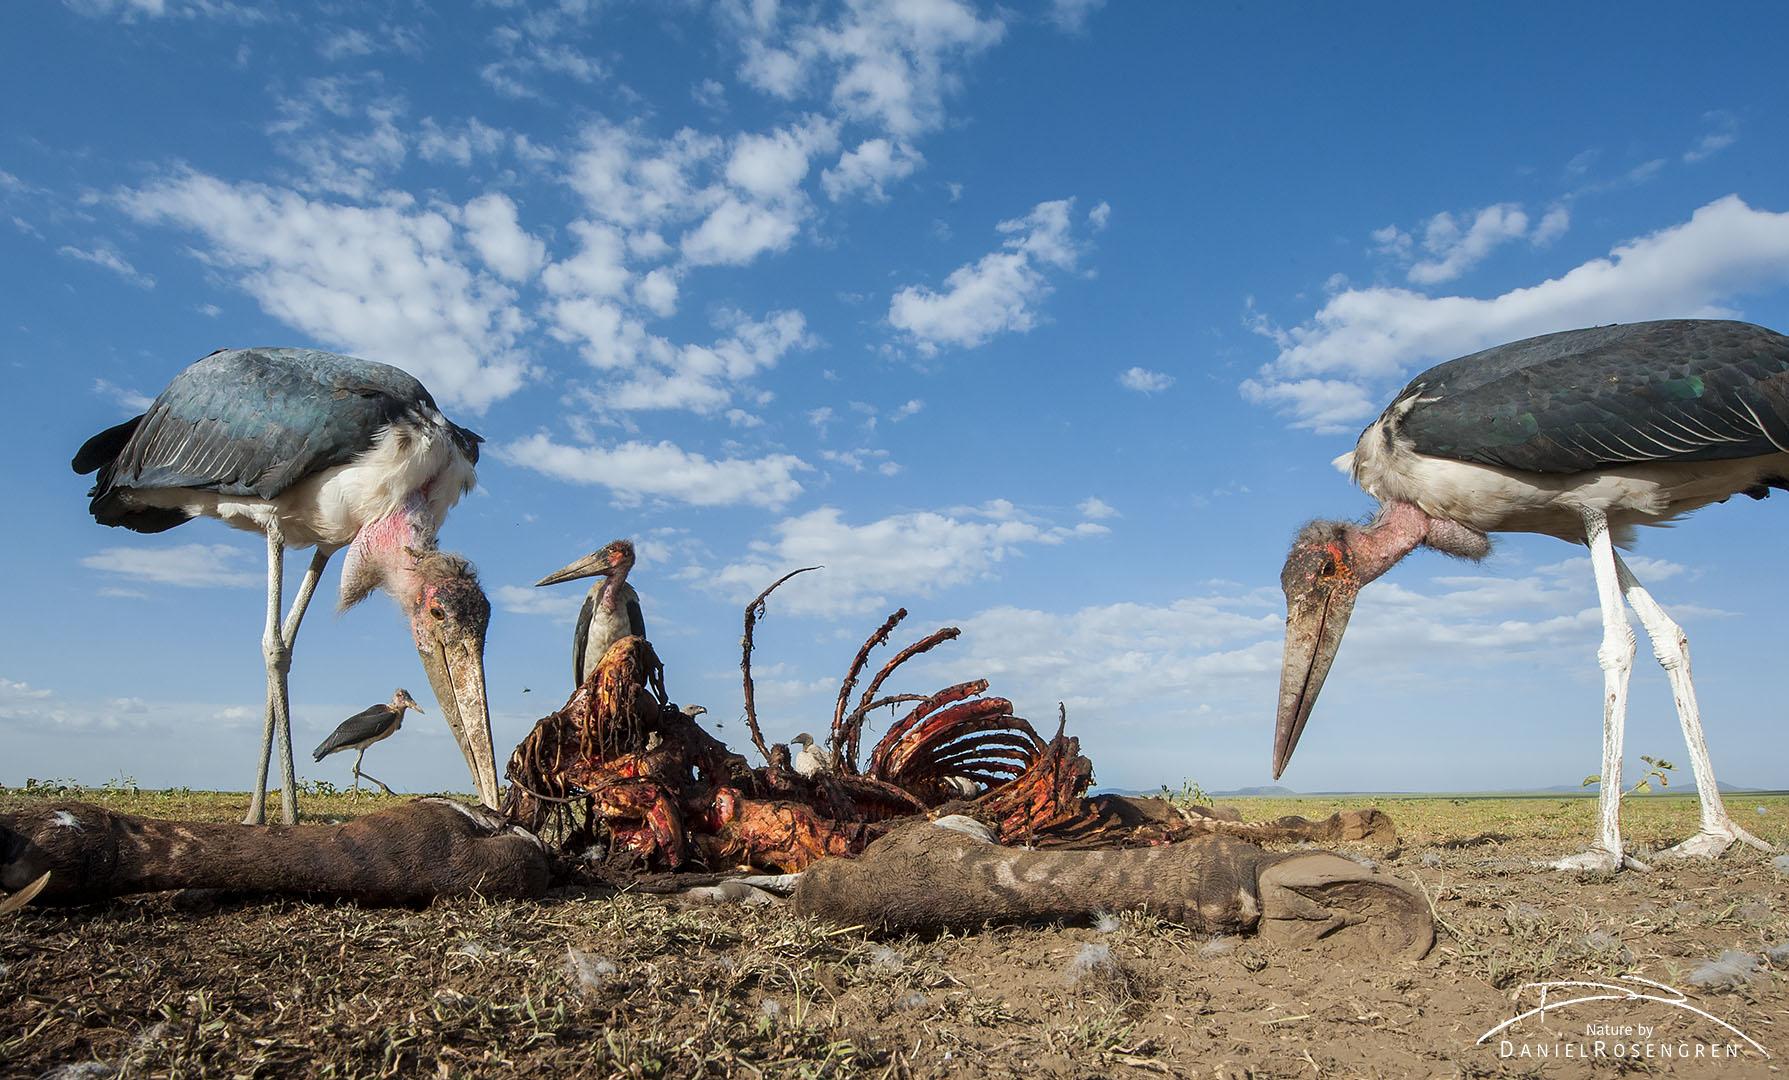 Marabou storks at a zebra carcass. © Daniel Rosengren